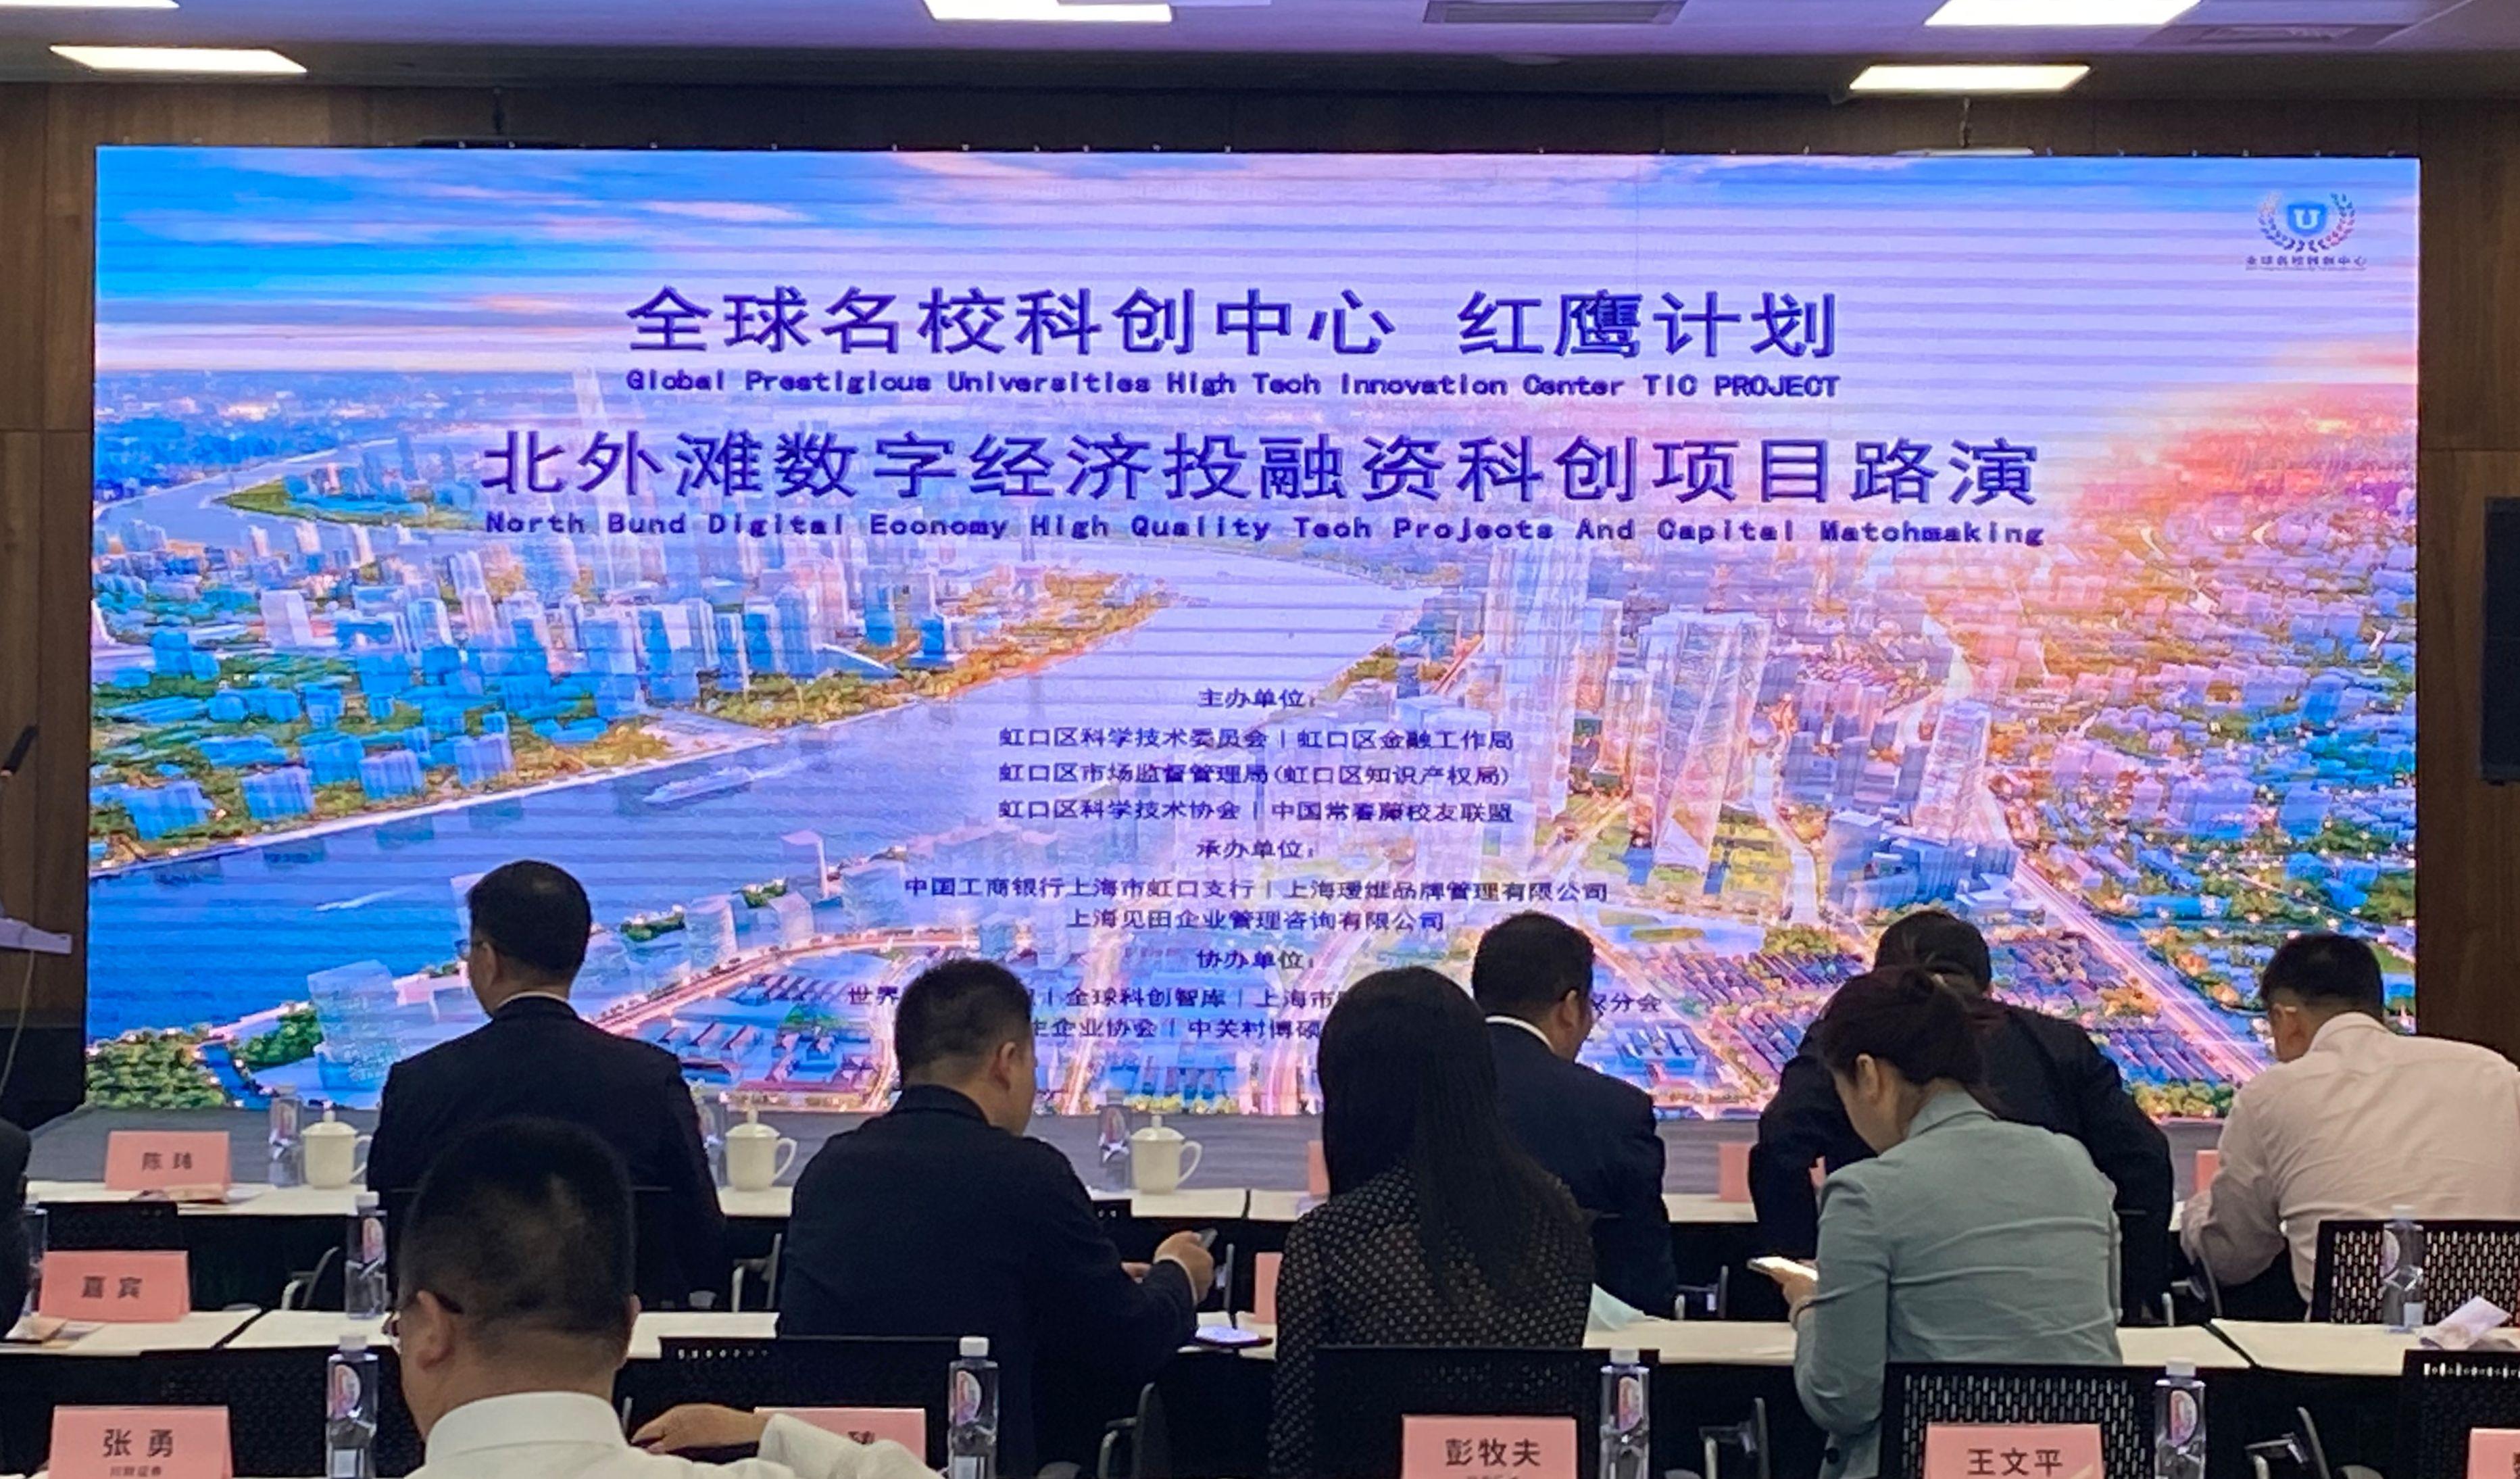 快讯   心流集团参加北外滩数字经济投融资科创项目路演-心流